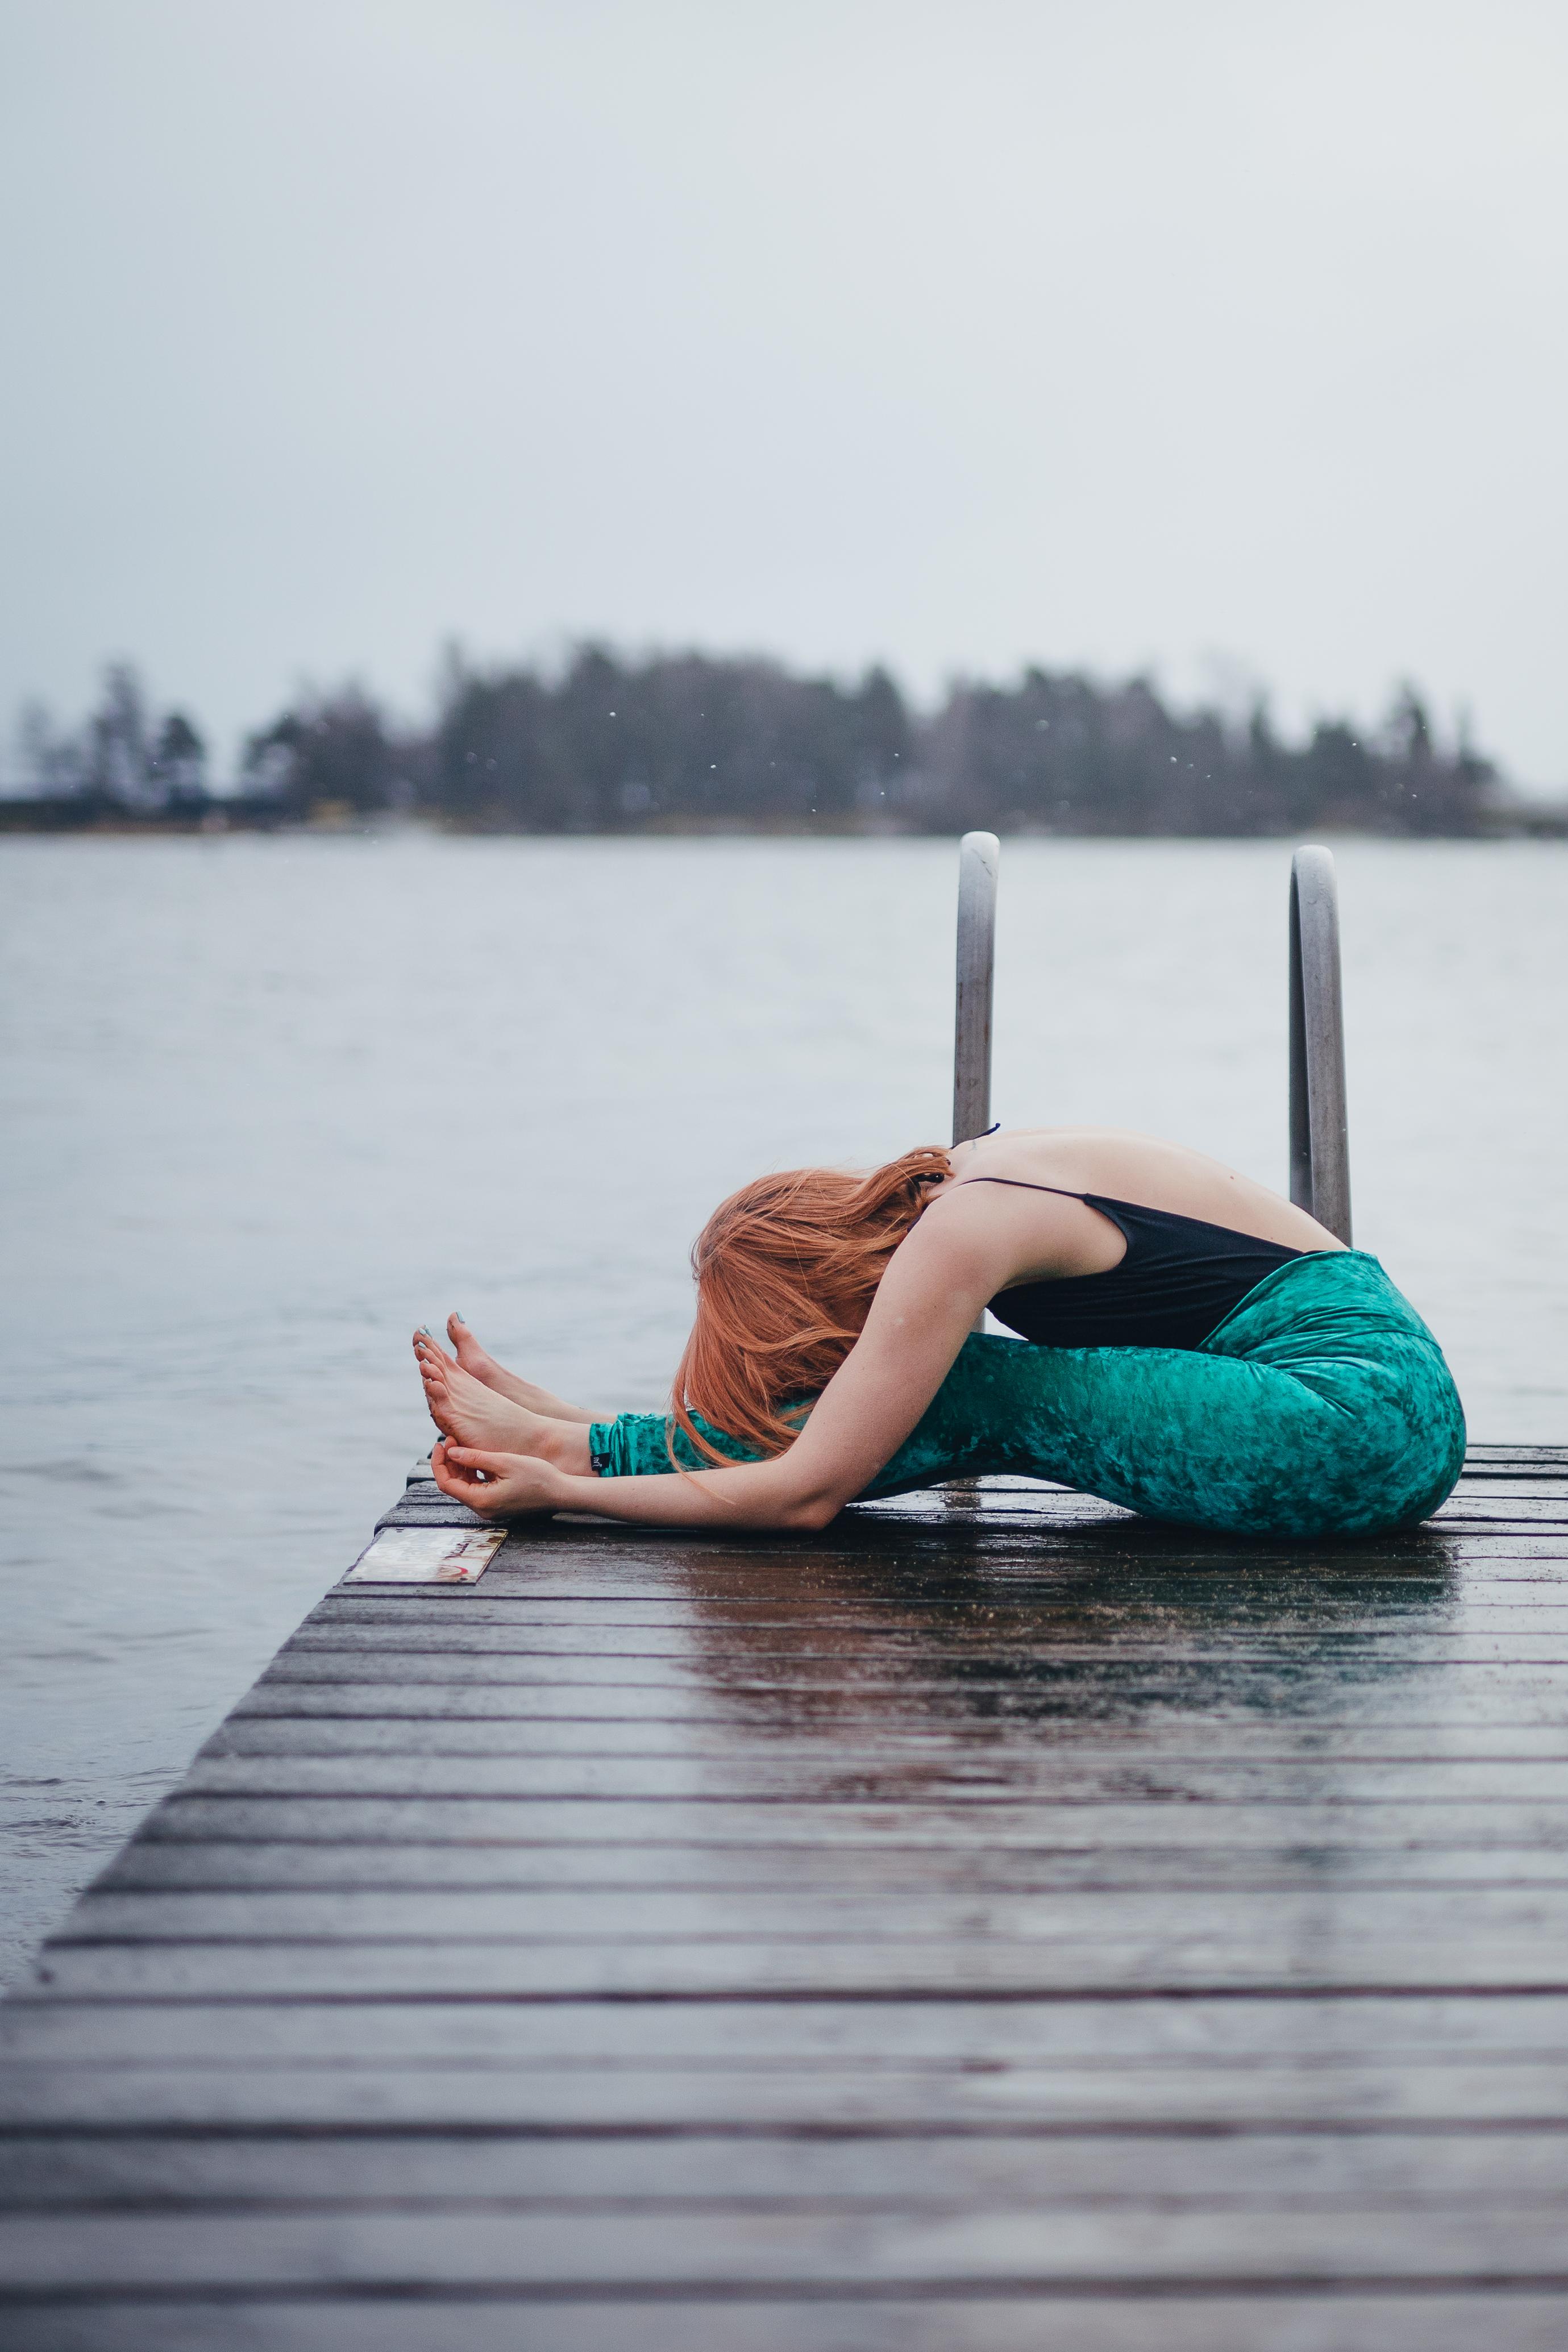 Sisälläni asuu meri, ikuisen muutoksen sininen syli (kiinalaisen lääketieteen vesielementistä)